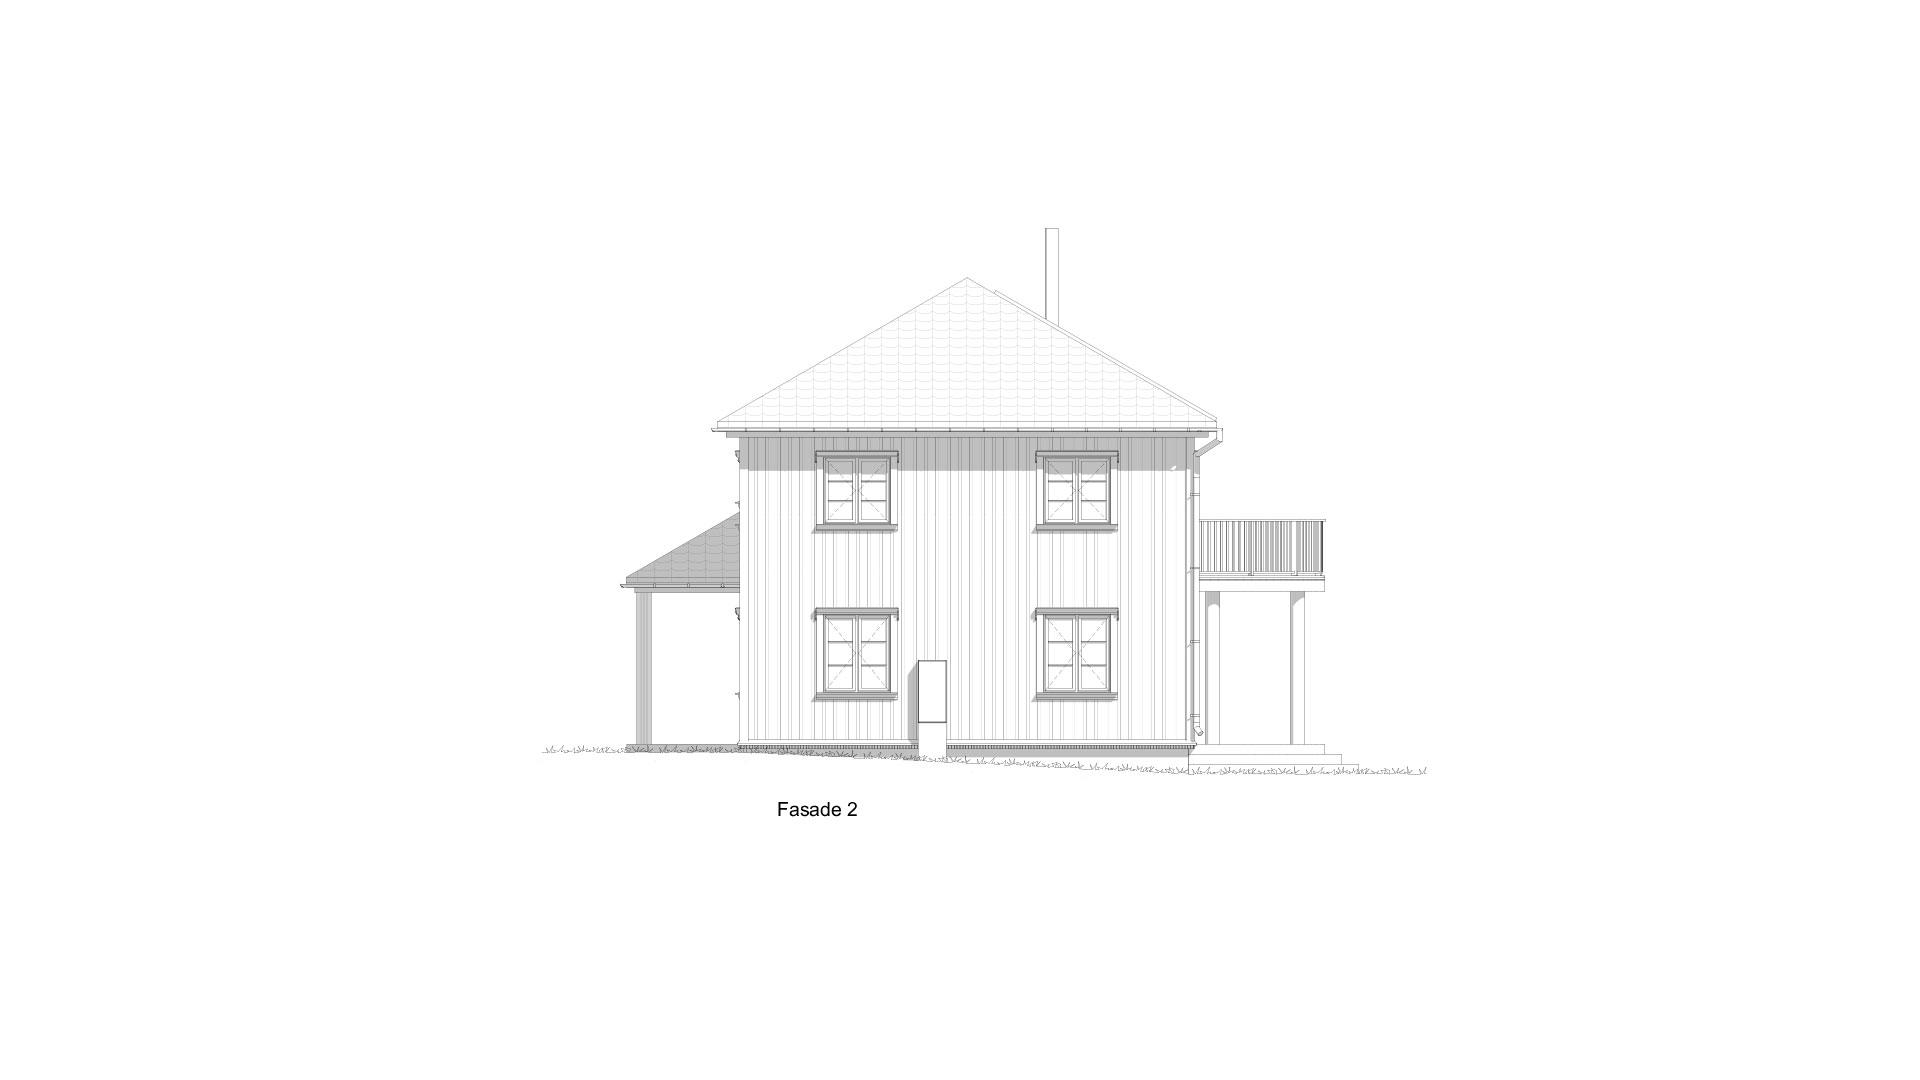 Arv17_fasade2.jpg